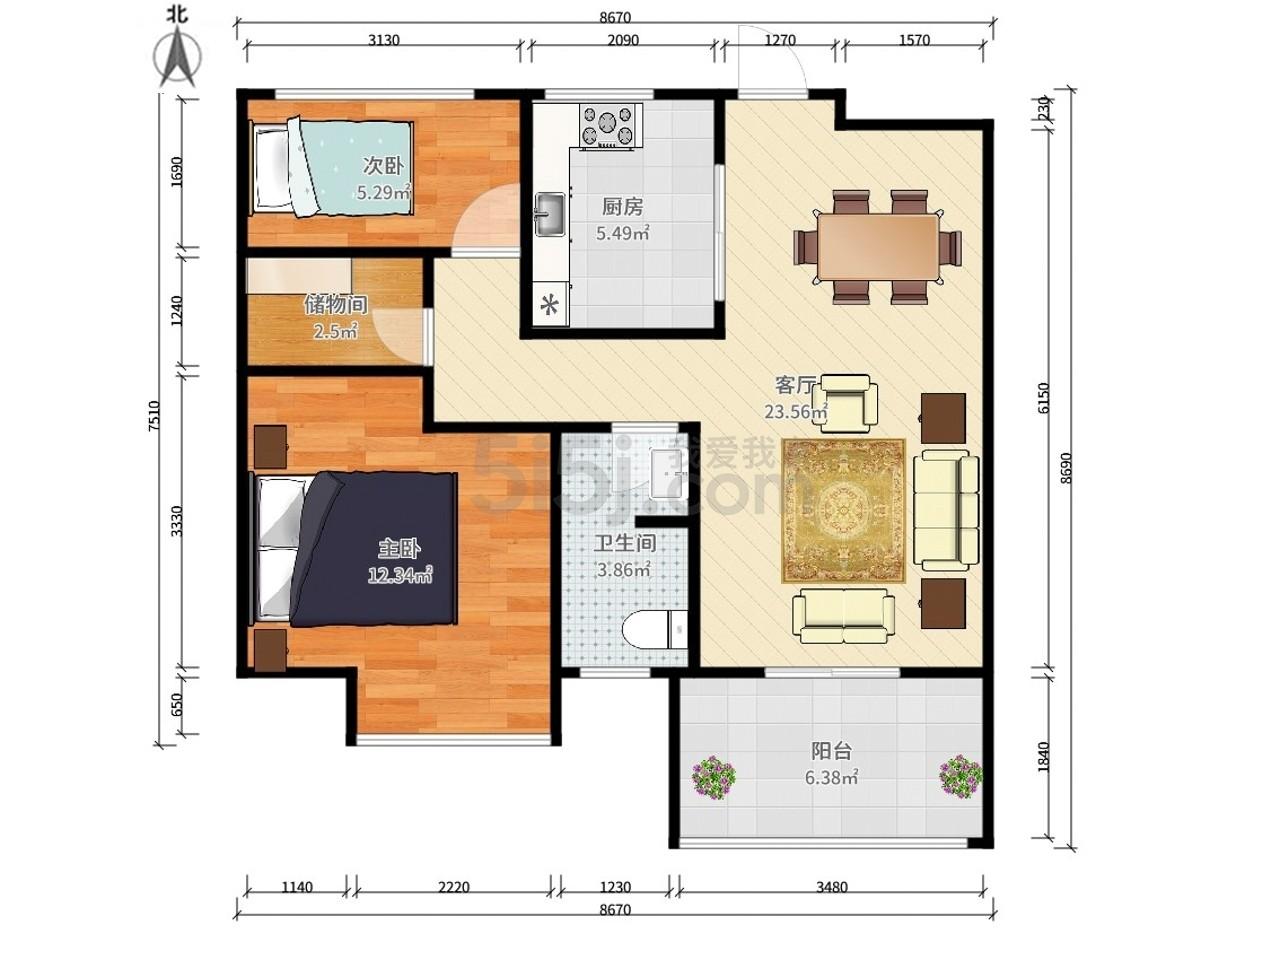 江宁区麒麟中海国际社区二期2室2厅户型图